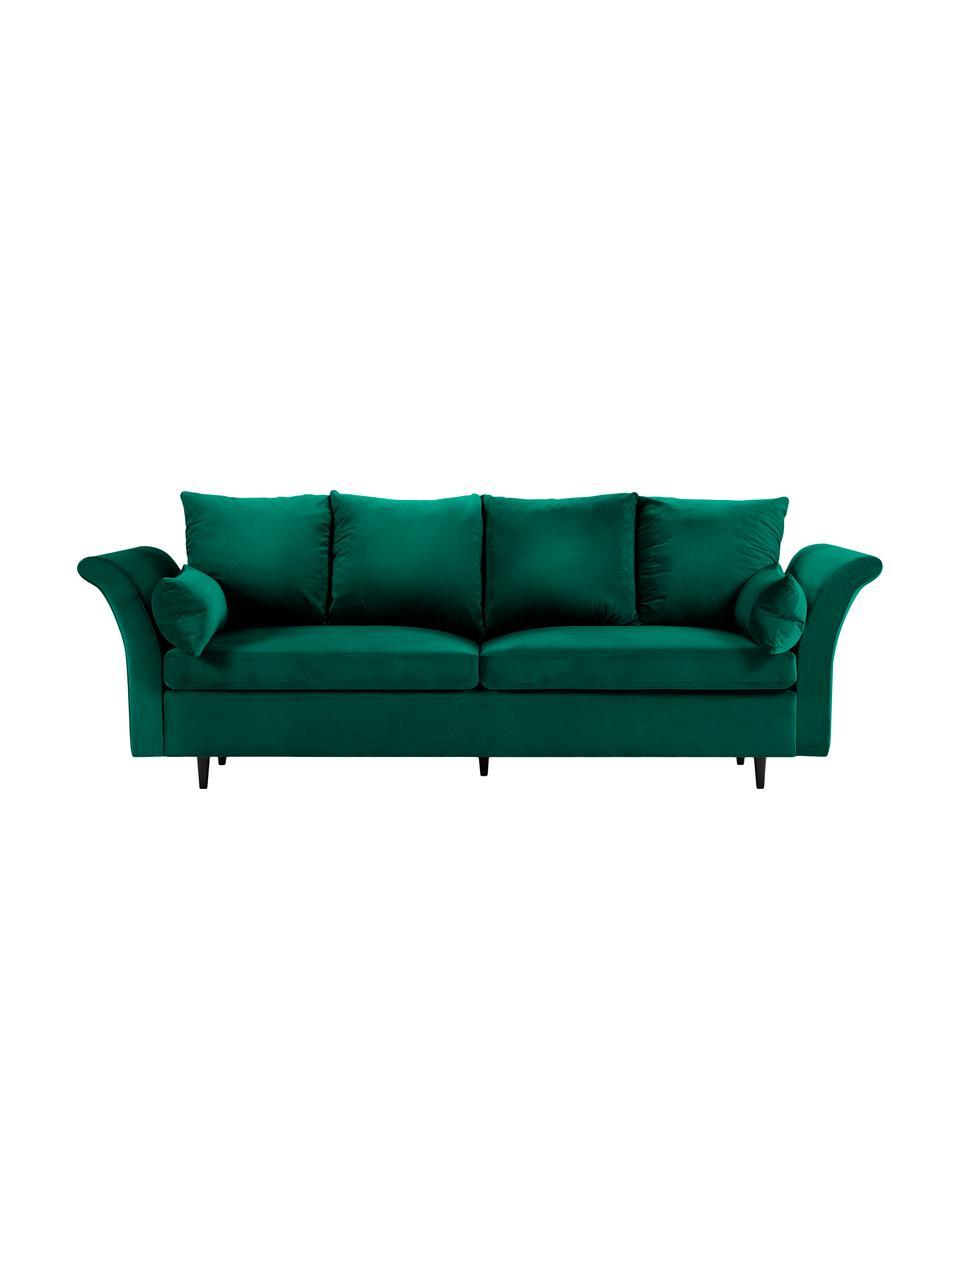 Divano letto 3 posti in velluto verde Lola, Rivestimento: velluto di poliestere Il , Piedini: legno di pino verniciato, Verde bottiglia, Larg. 245 x Alt. 95 cm